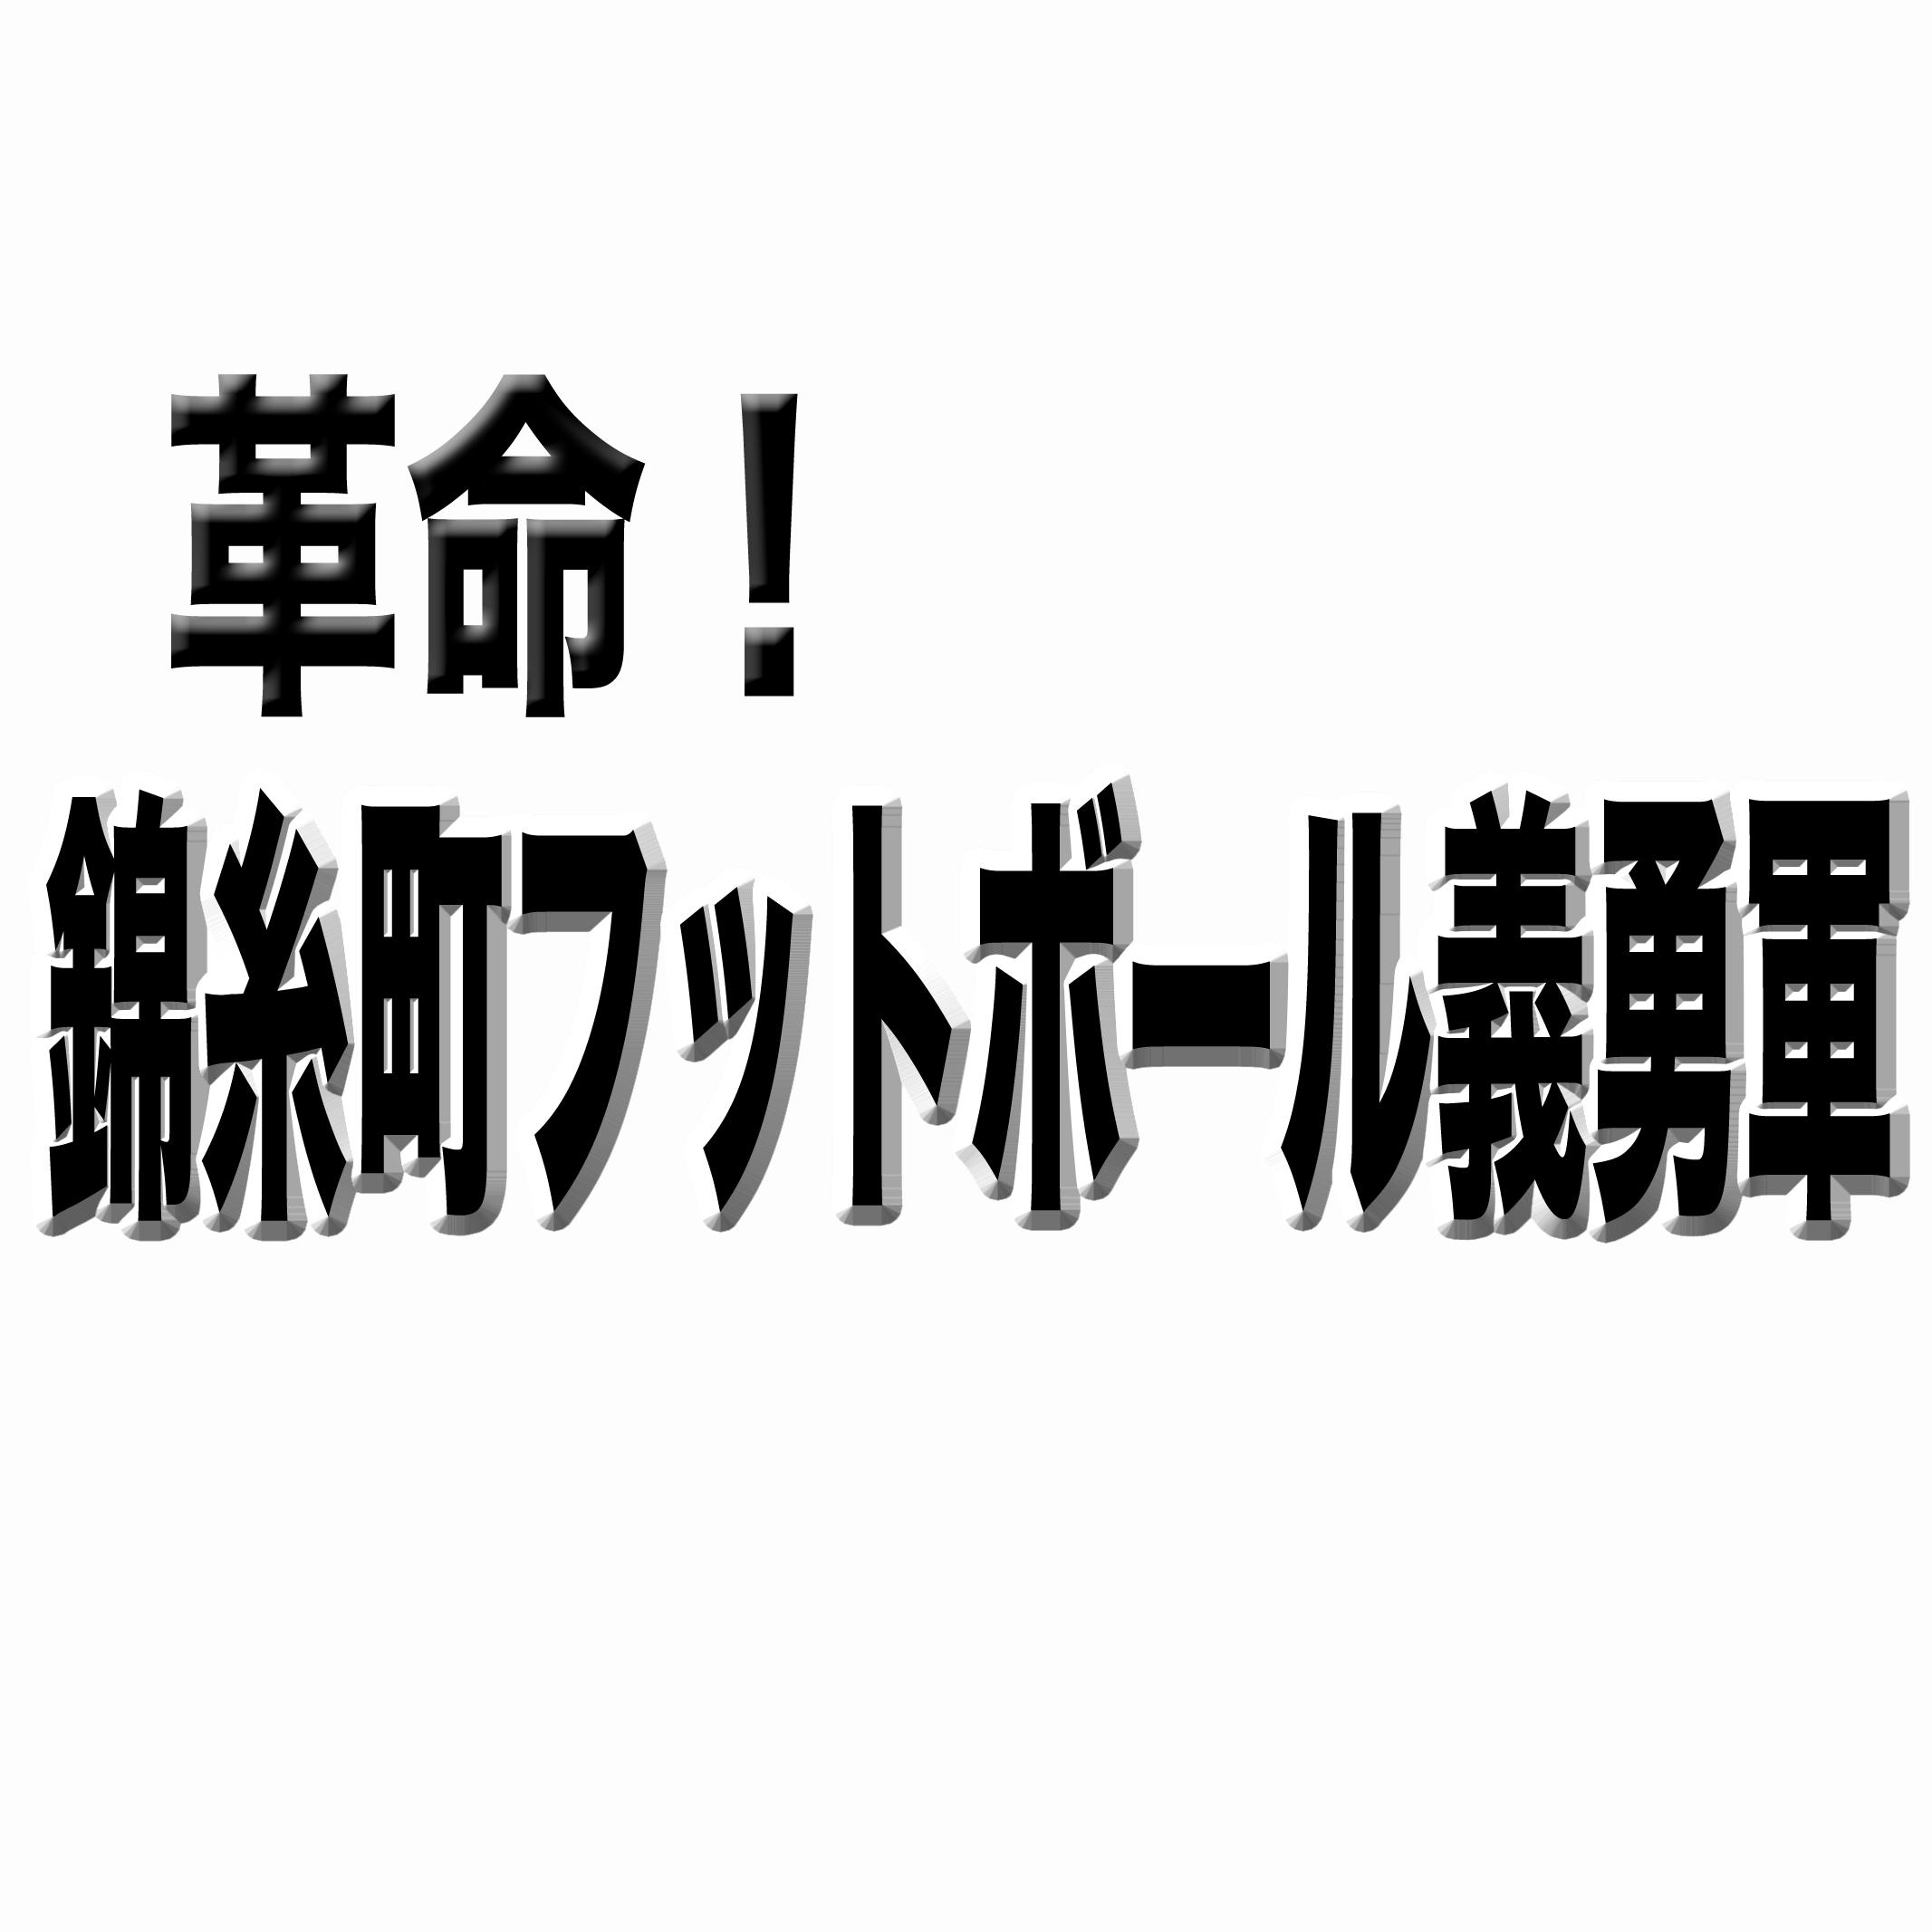 ロック総統とライト曹長の「革命!錦糸町フットボール義勇軍」